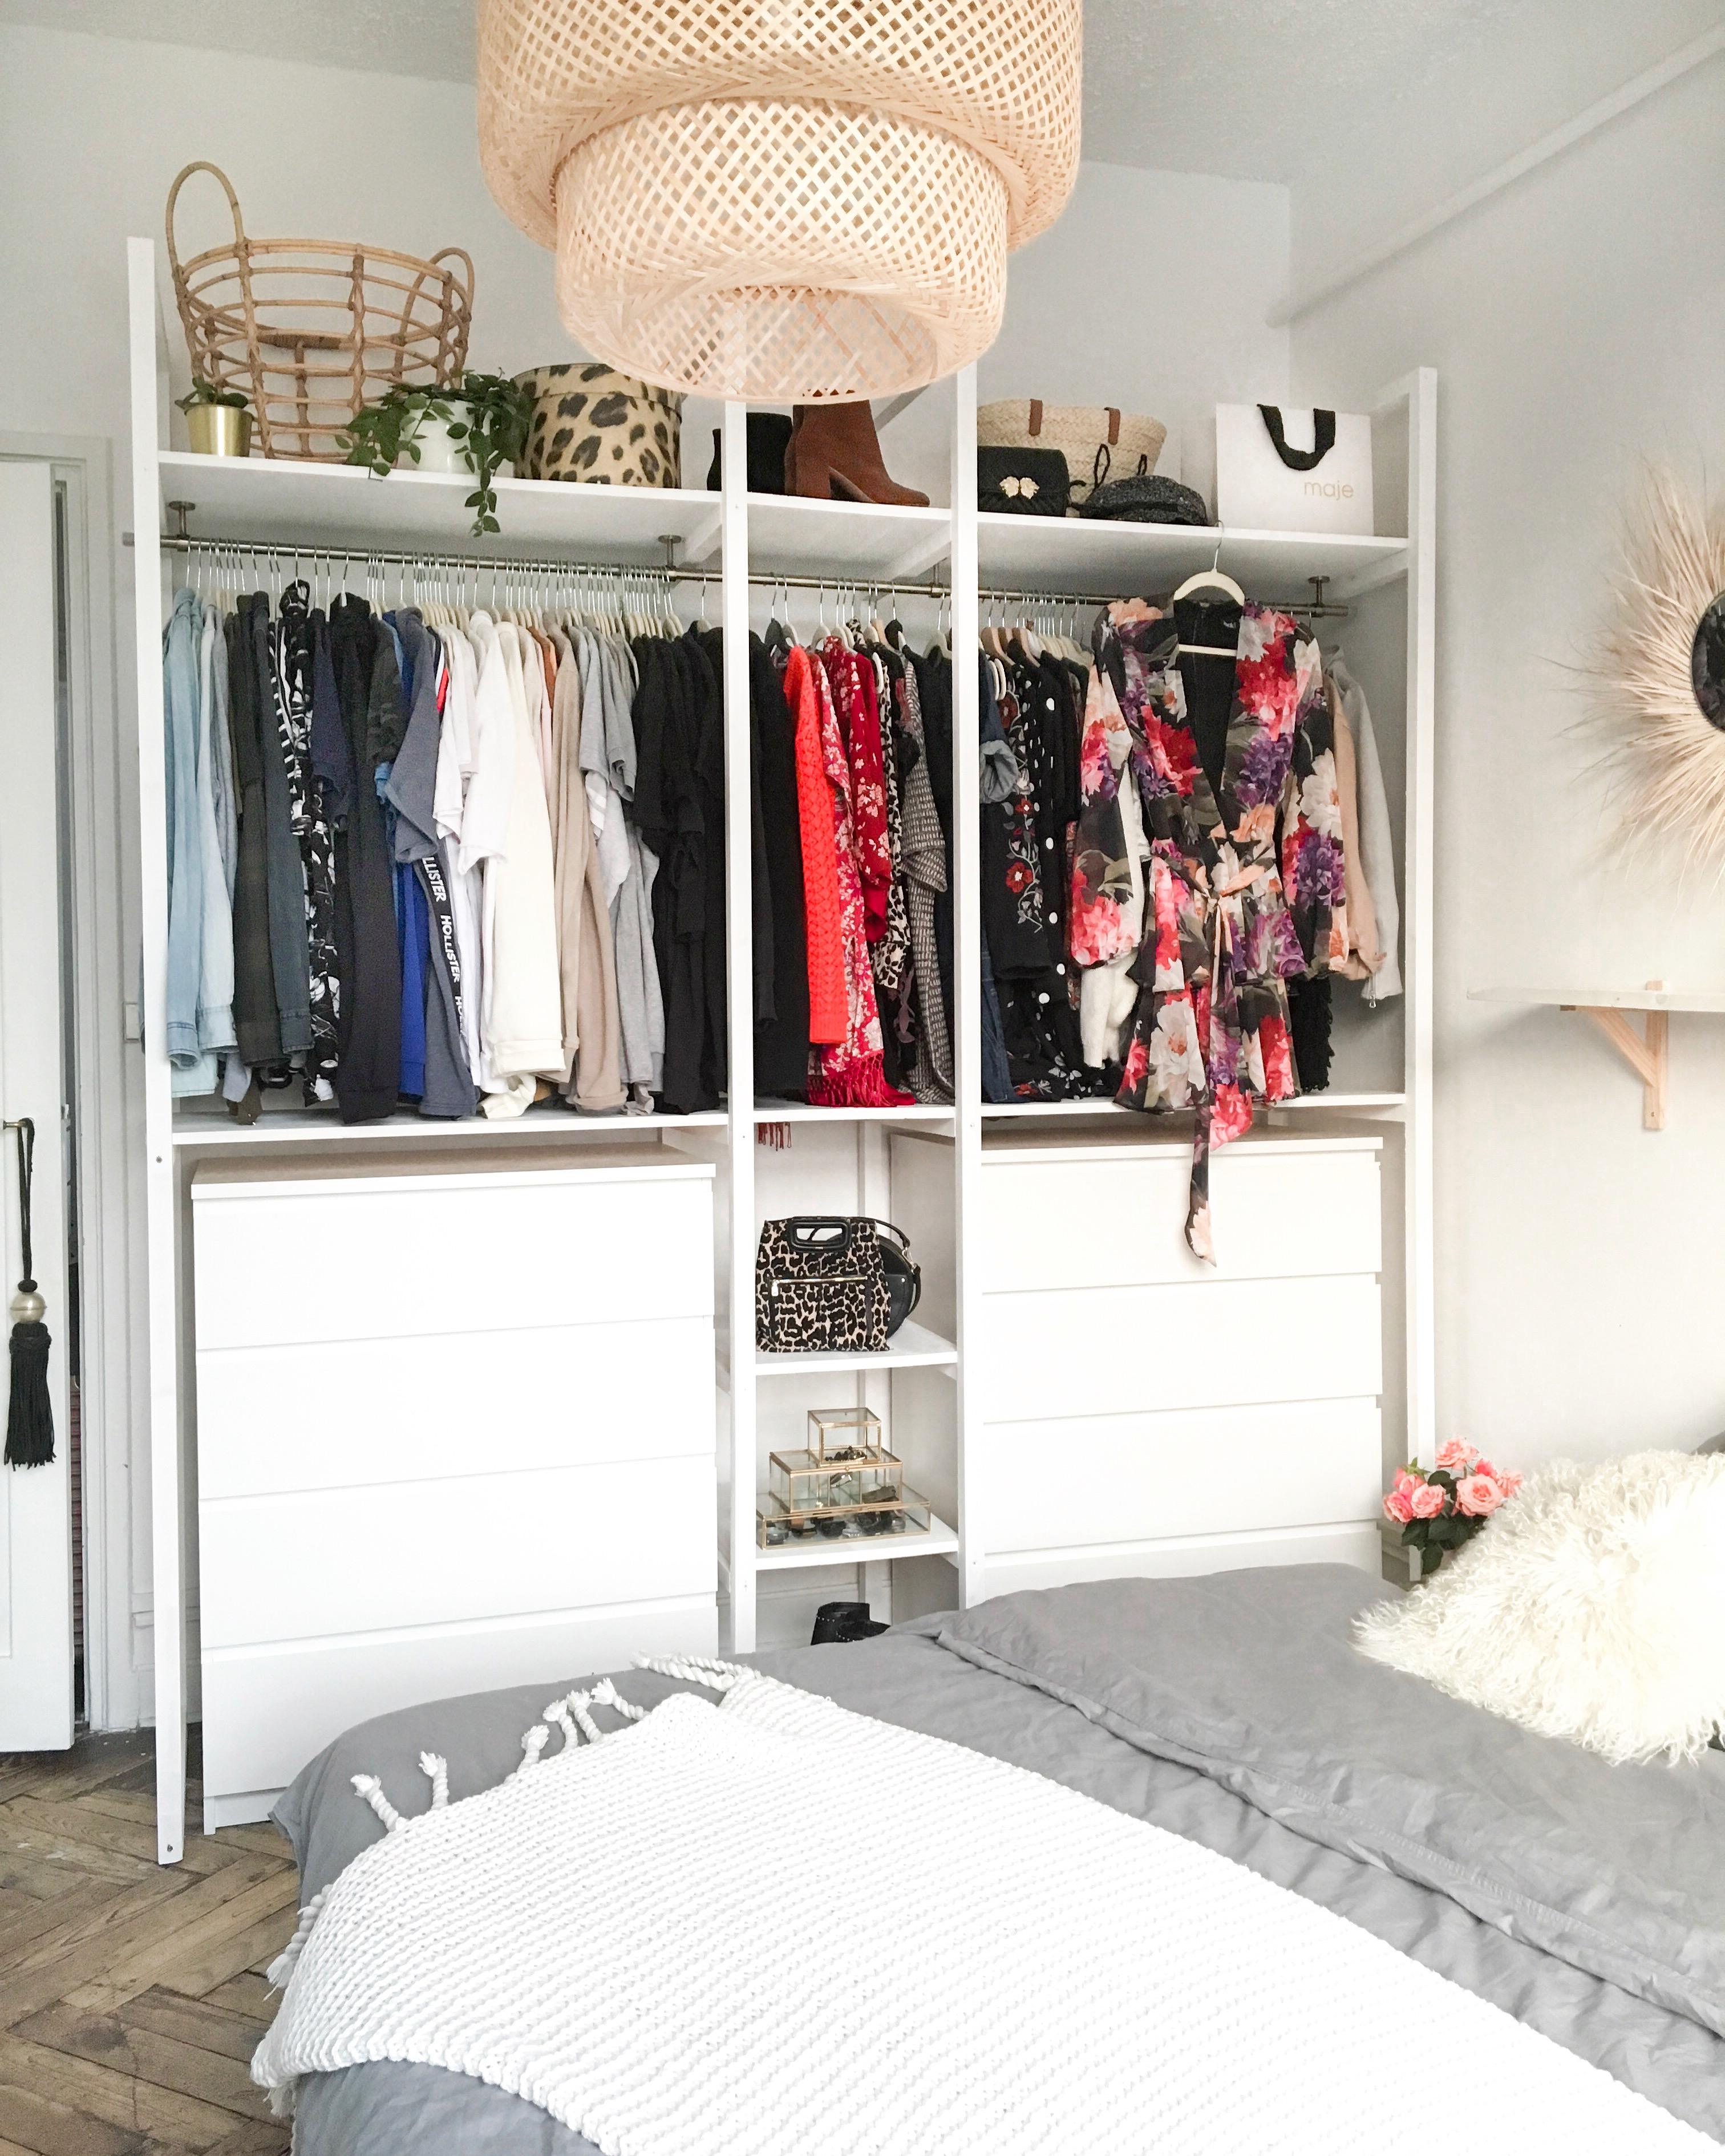 Grand Dressing Sur Mesure comment fabriquer son dressing sois-même à moindre coût et